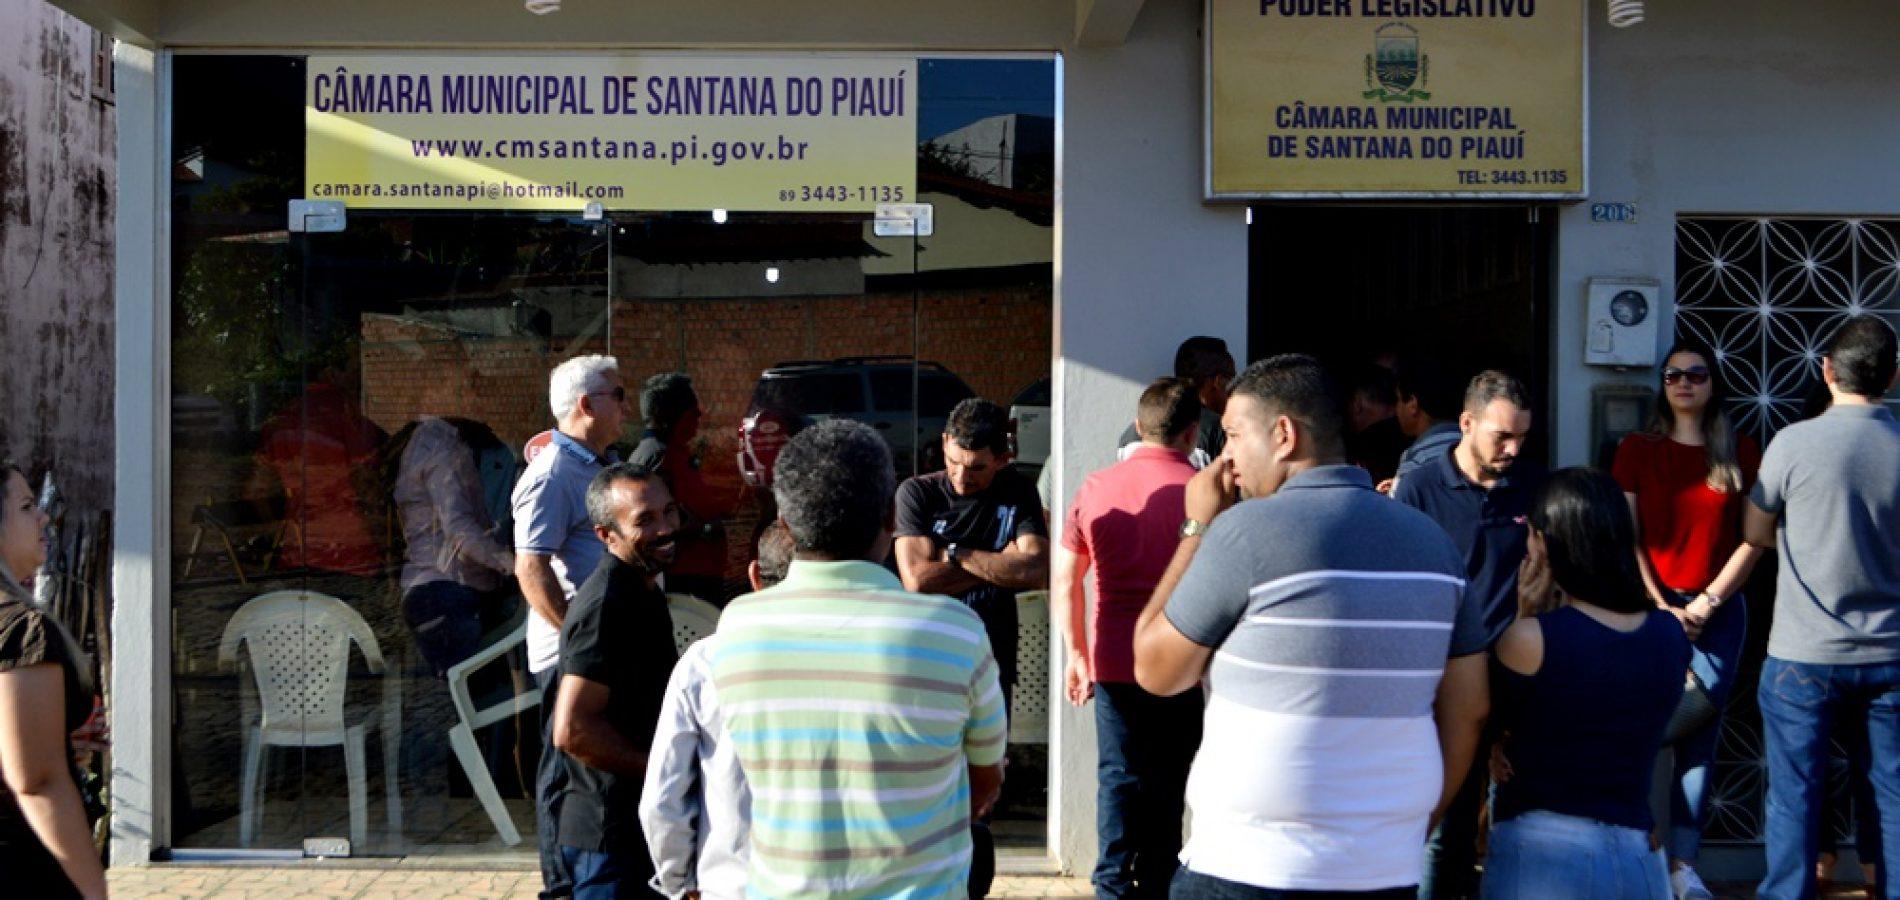 Prefeita envia e Câmara aprova lei que proíbe cortes de energia e água em Santana durante 60 dias